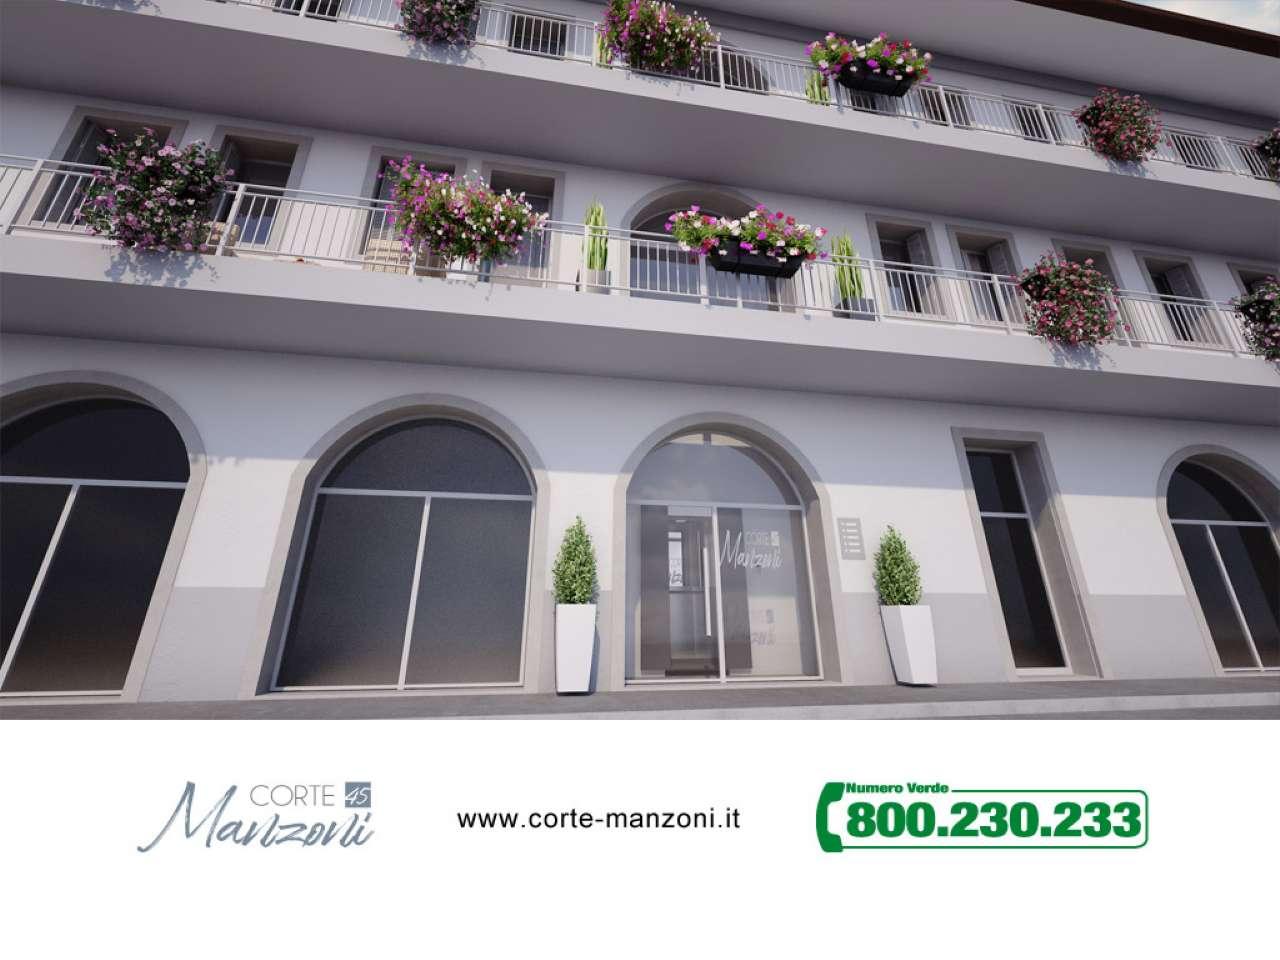 Nuovo appartamento di tre locali in Corte Manzoni, foto 11